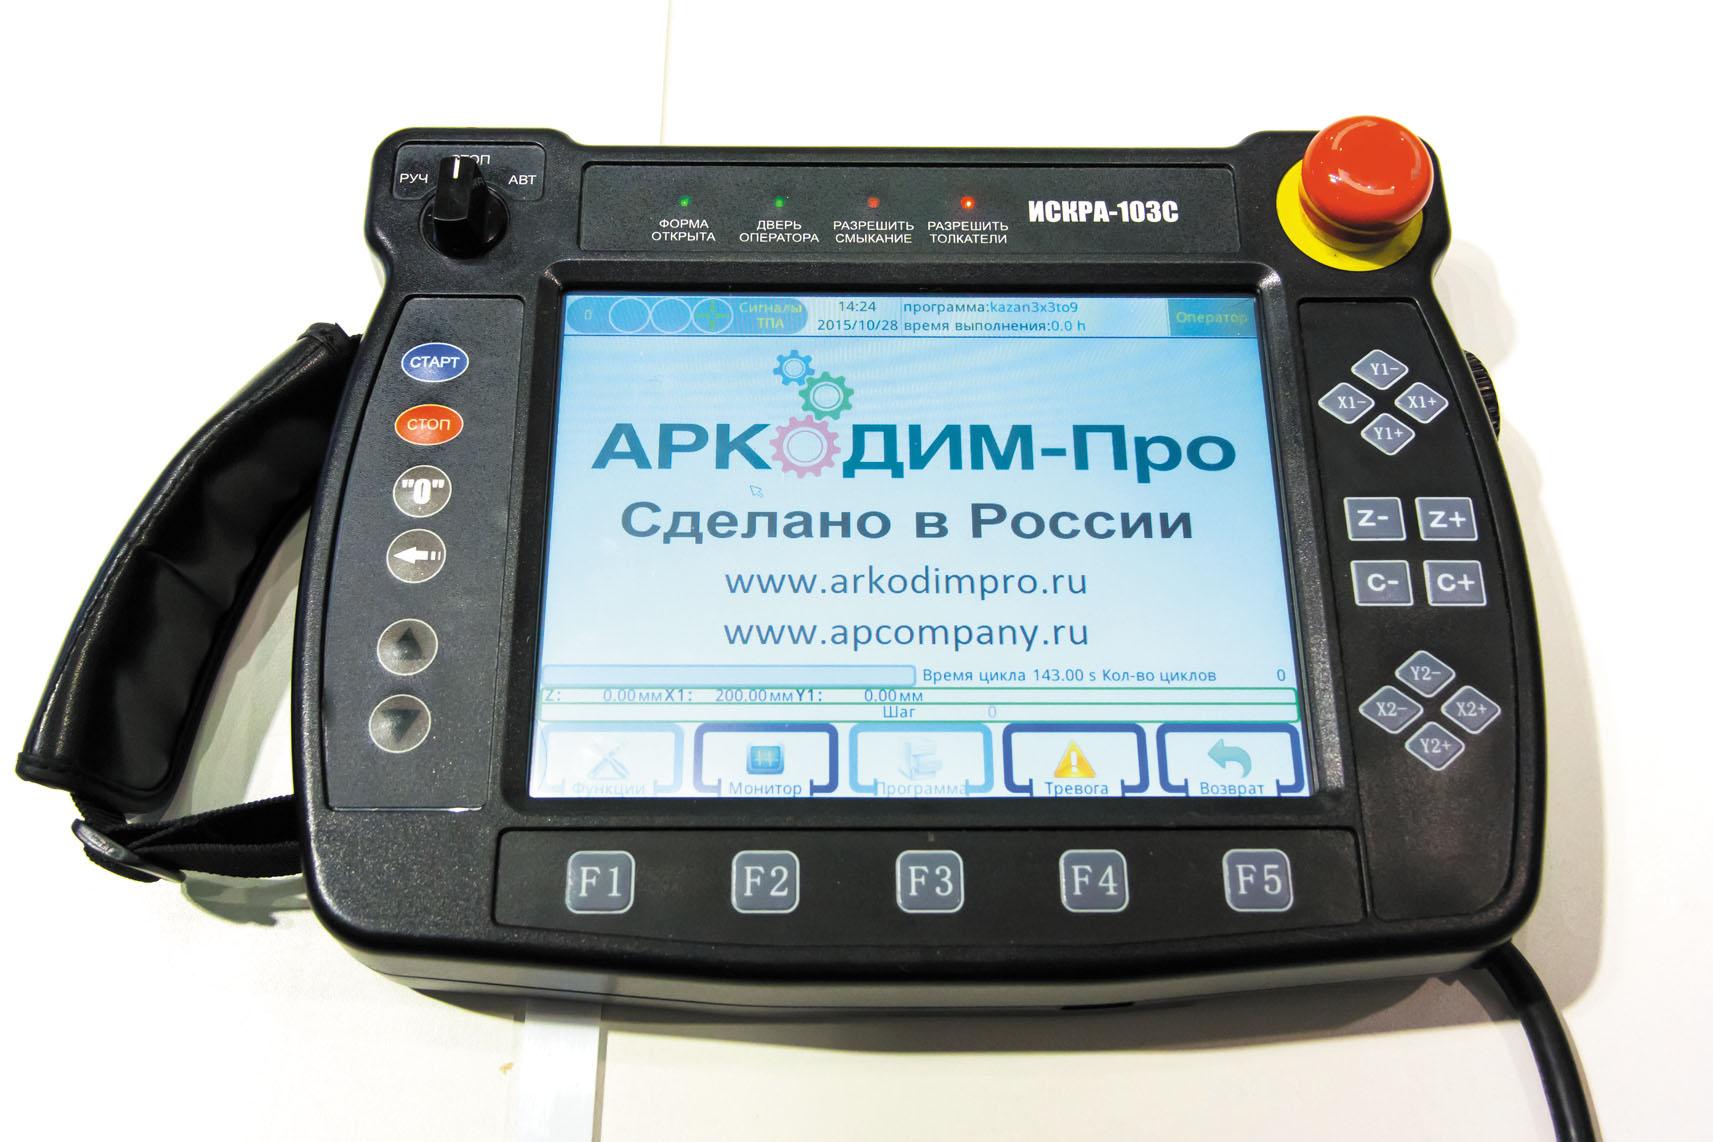 Рис. 6. Дистанционный пульт управления роботом ARKODIM